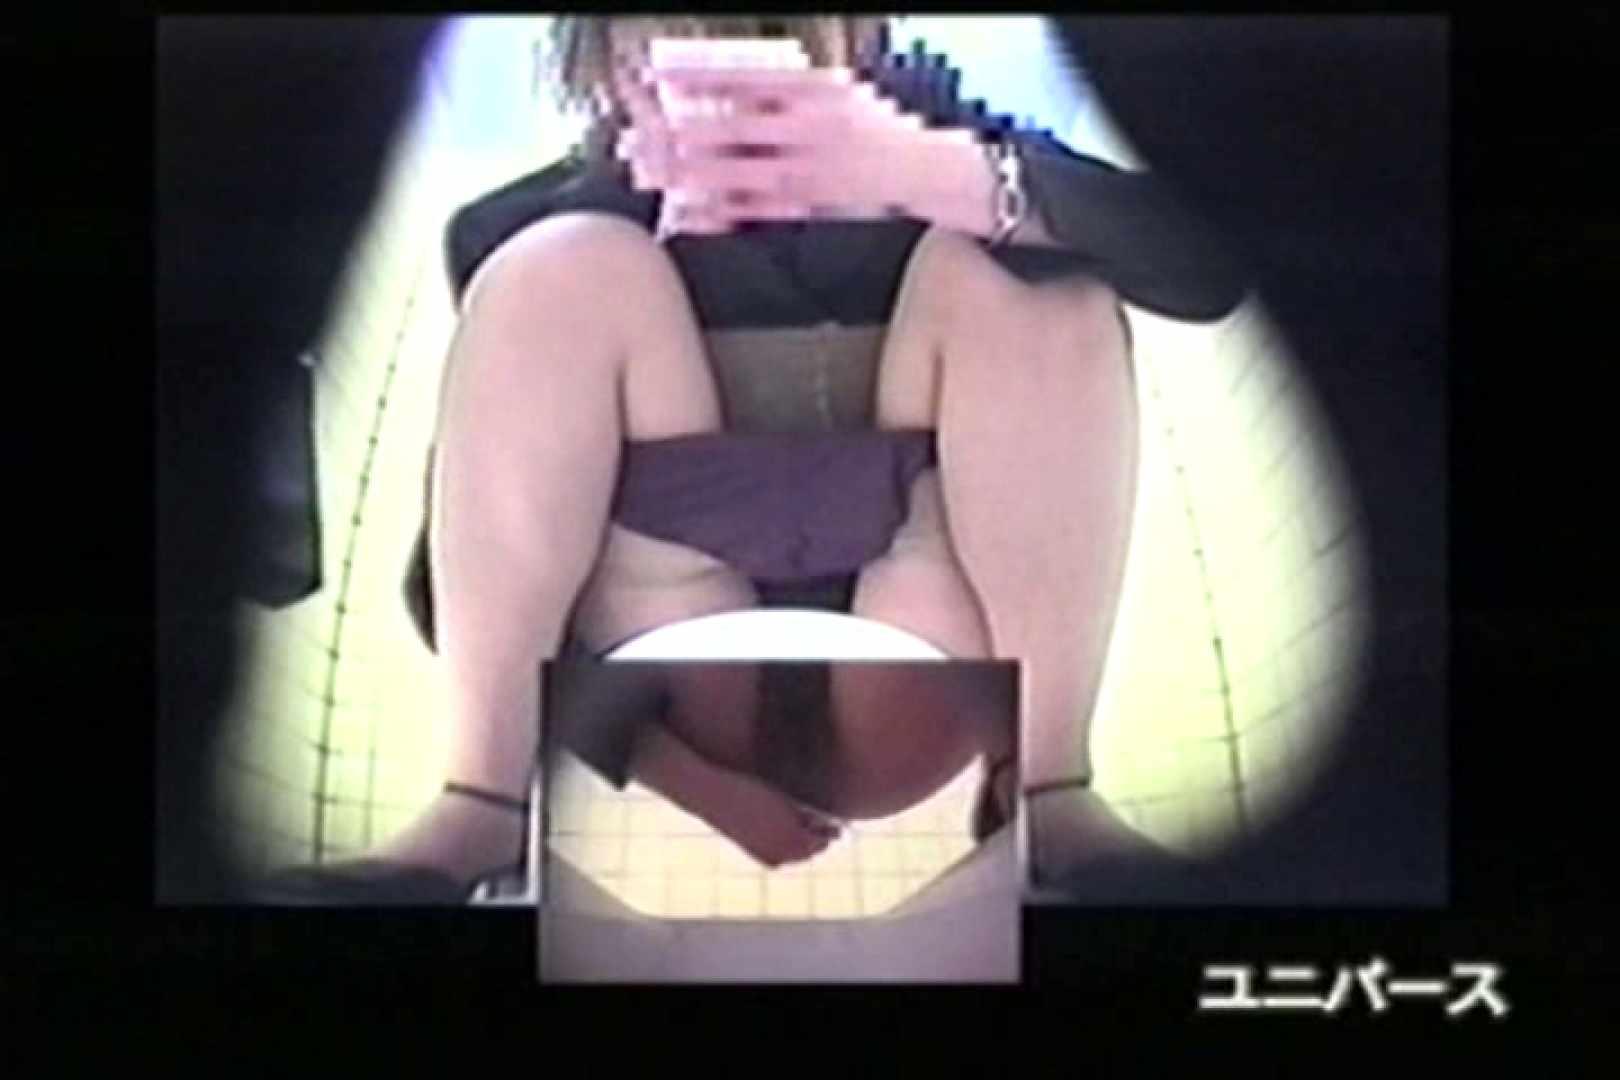 下半身シースルー洗面所Vol.4 OLヌード天国  91PIX 87